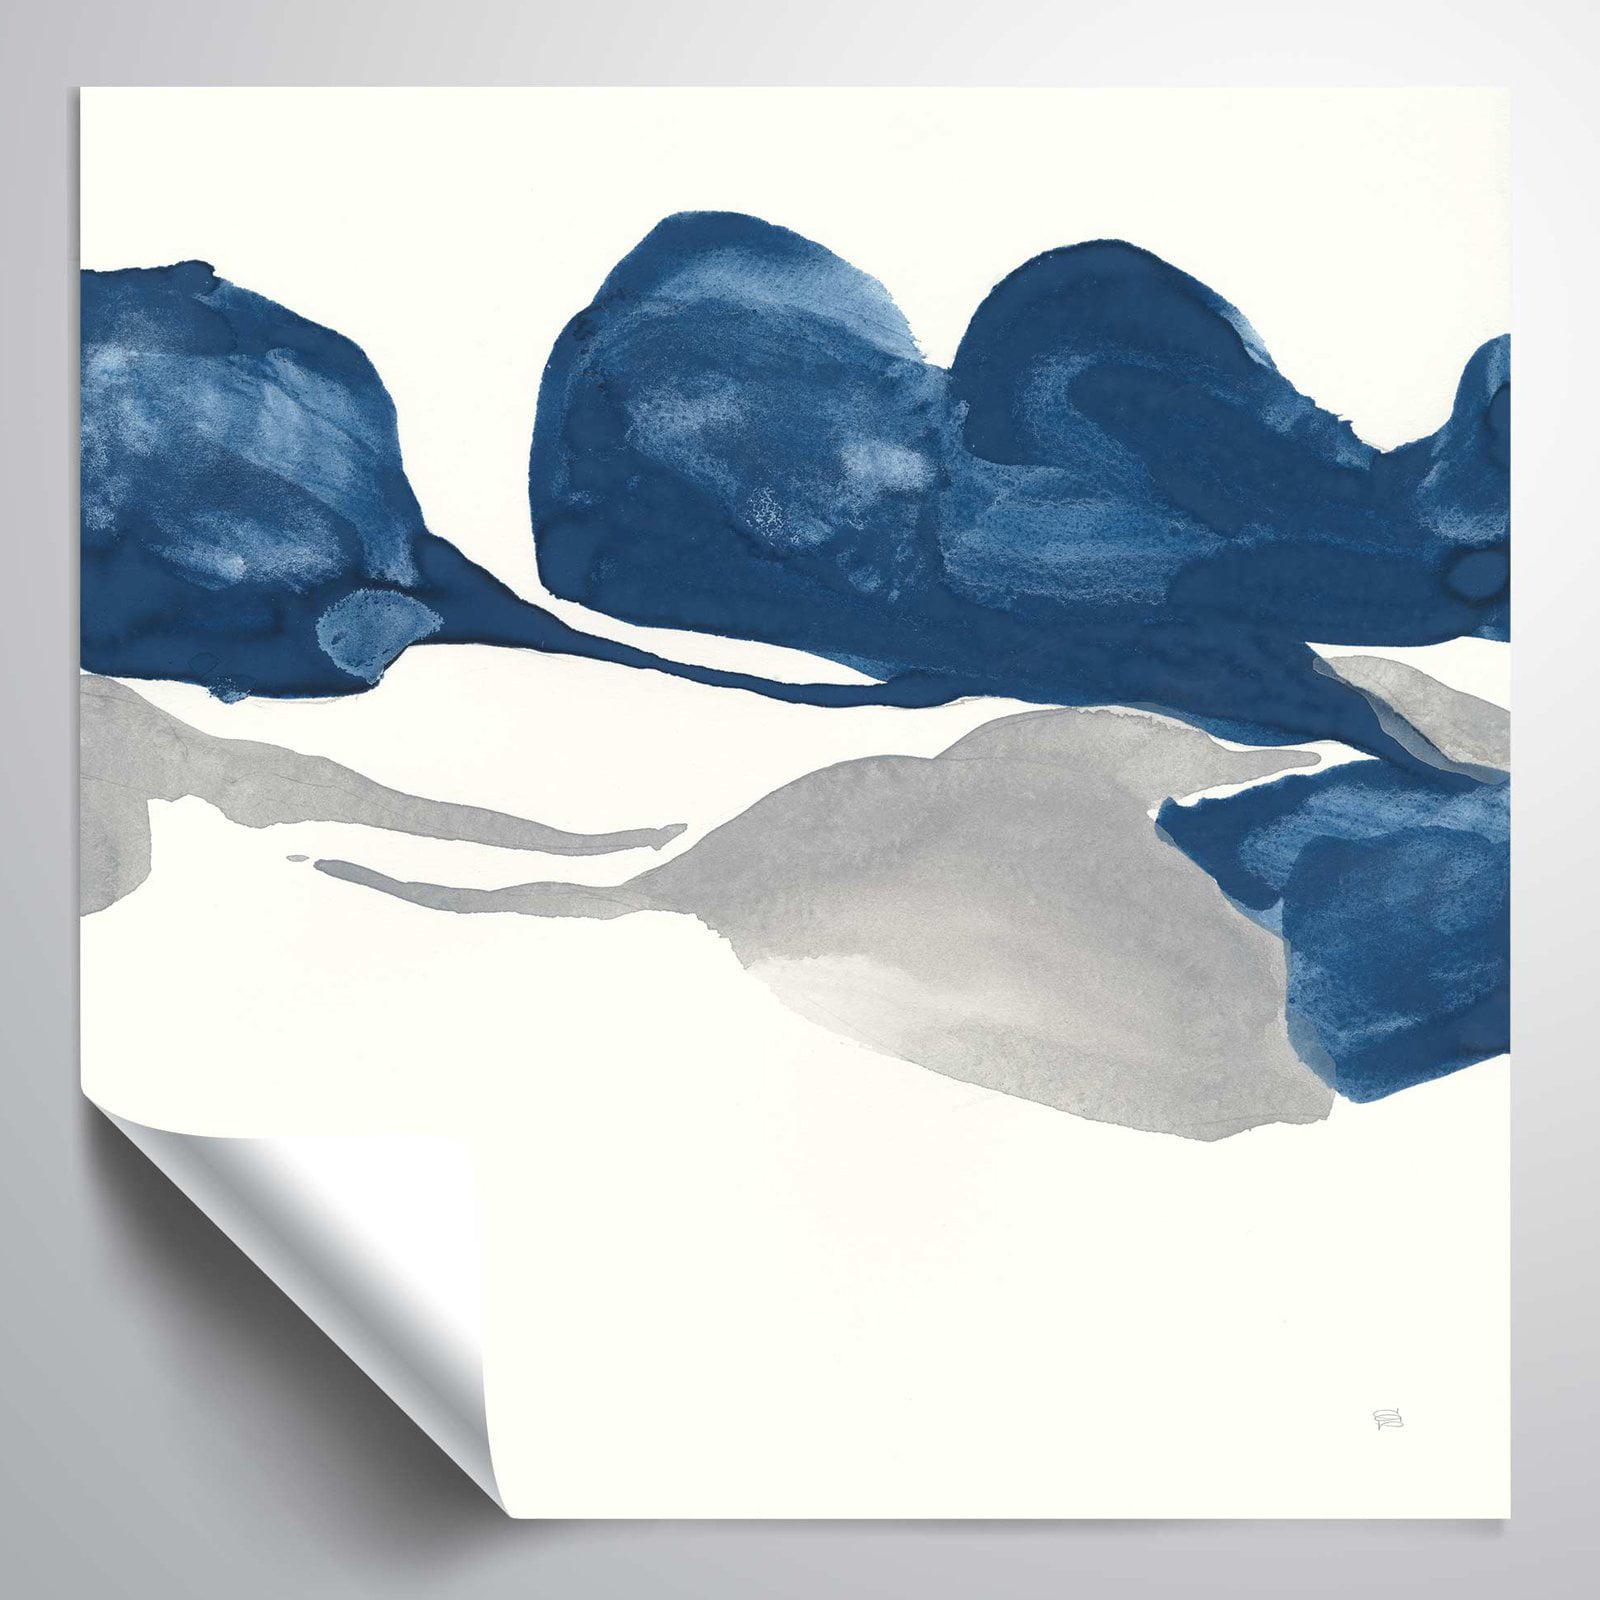 Brushstone Sapphire & Gray II Vinyl Wall Decal